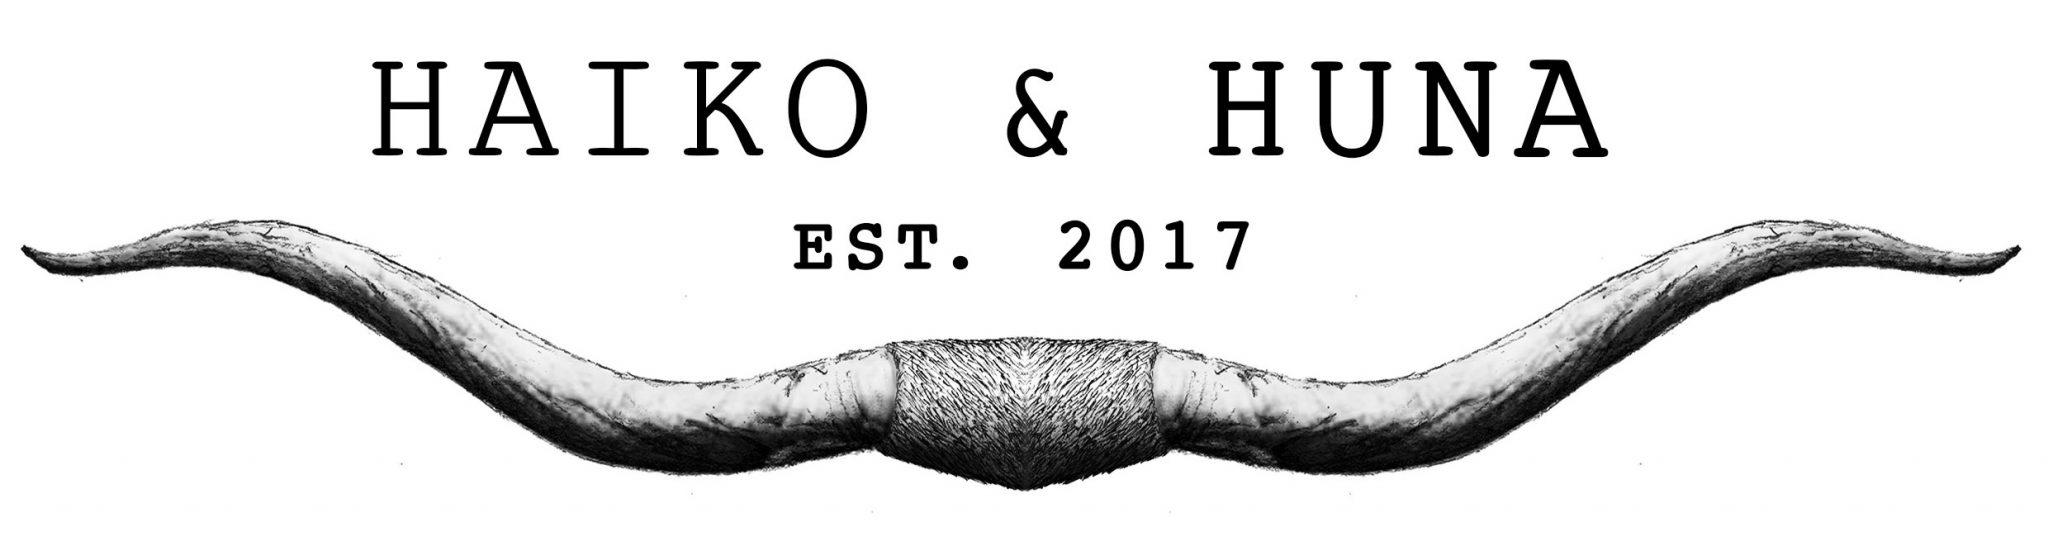 Haiko & Huna